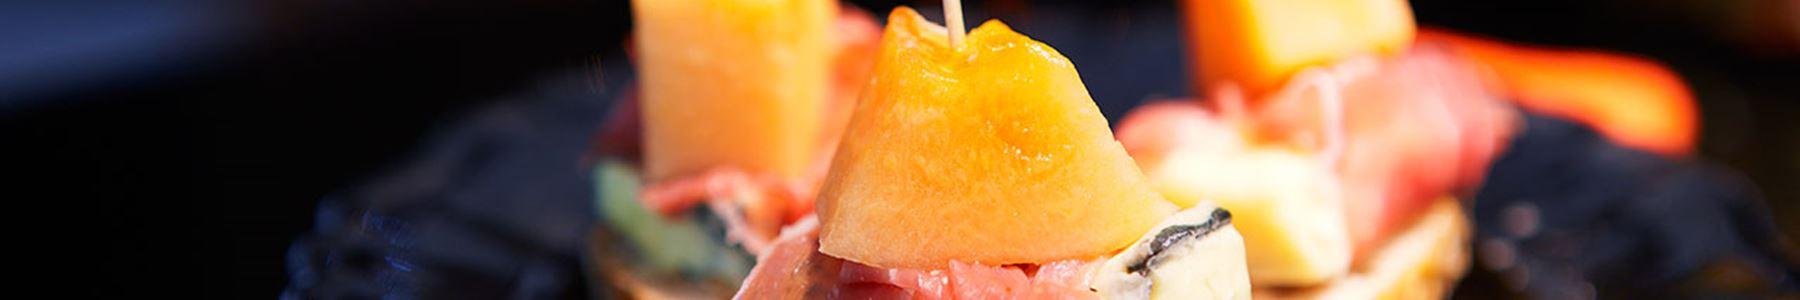 vegetarisk förrätt melon